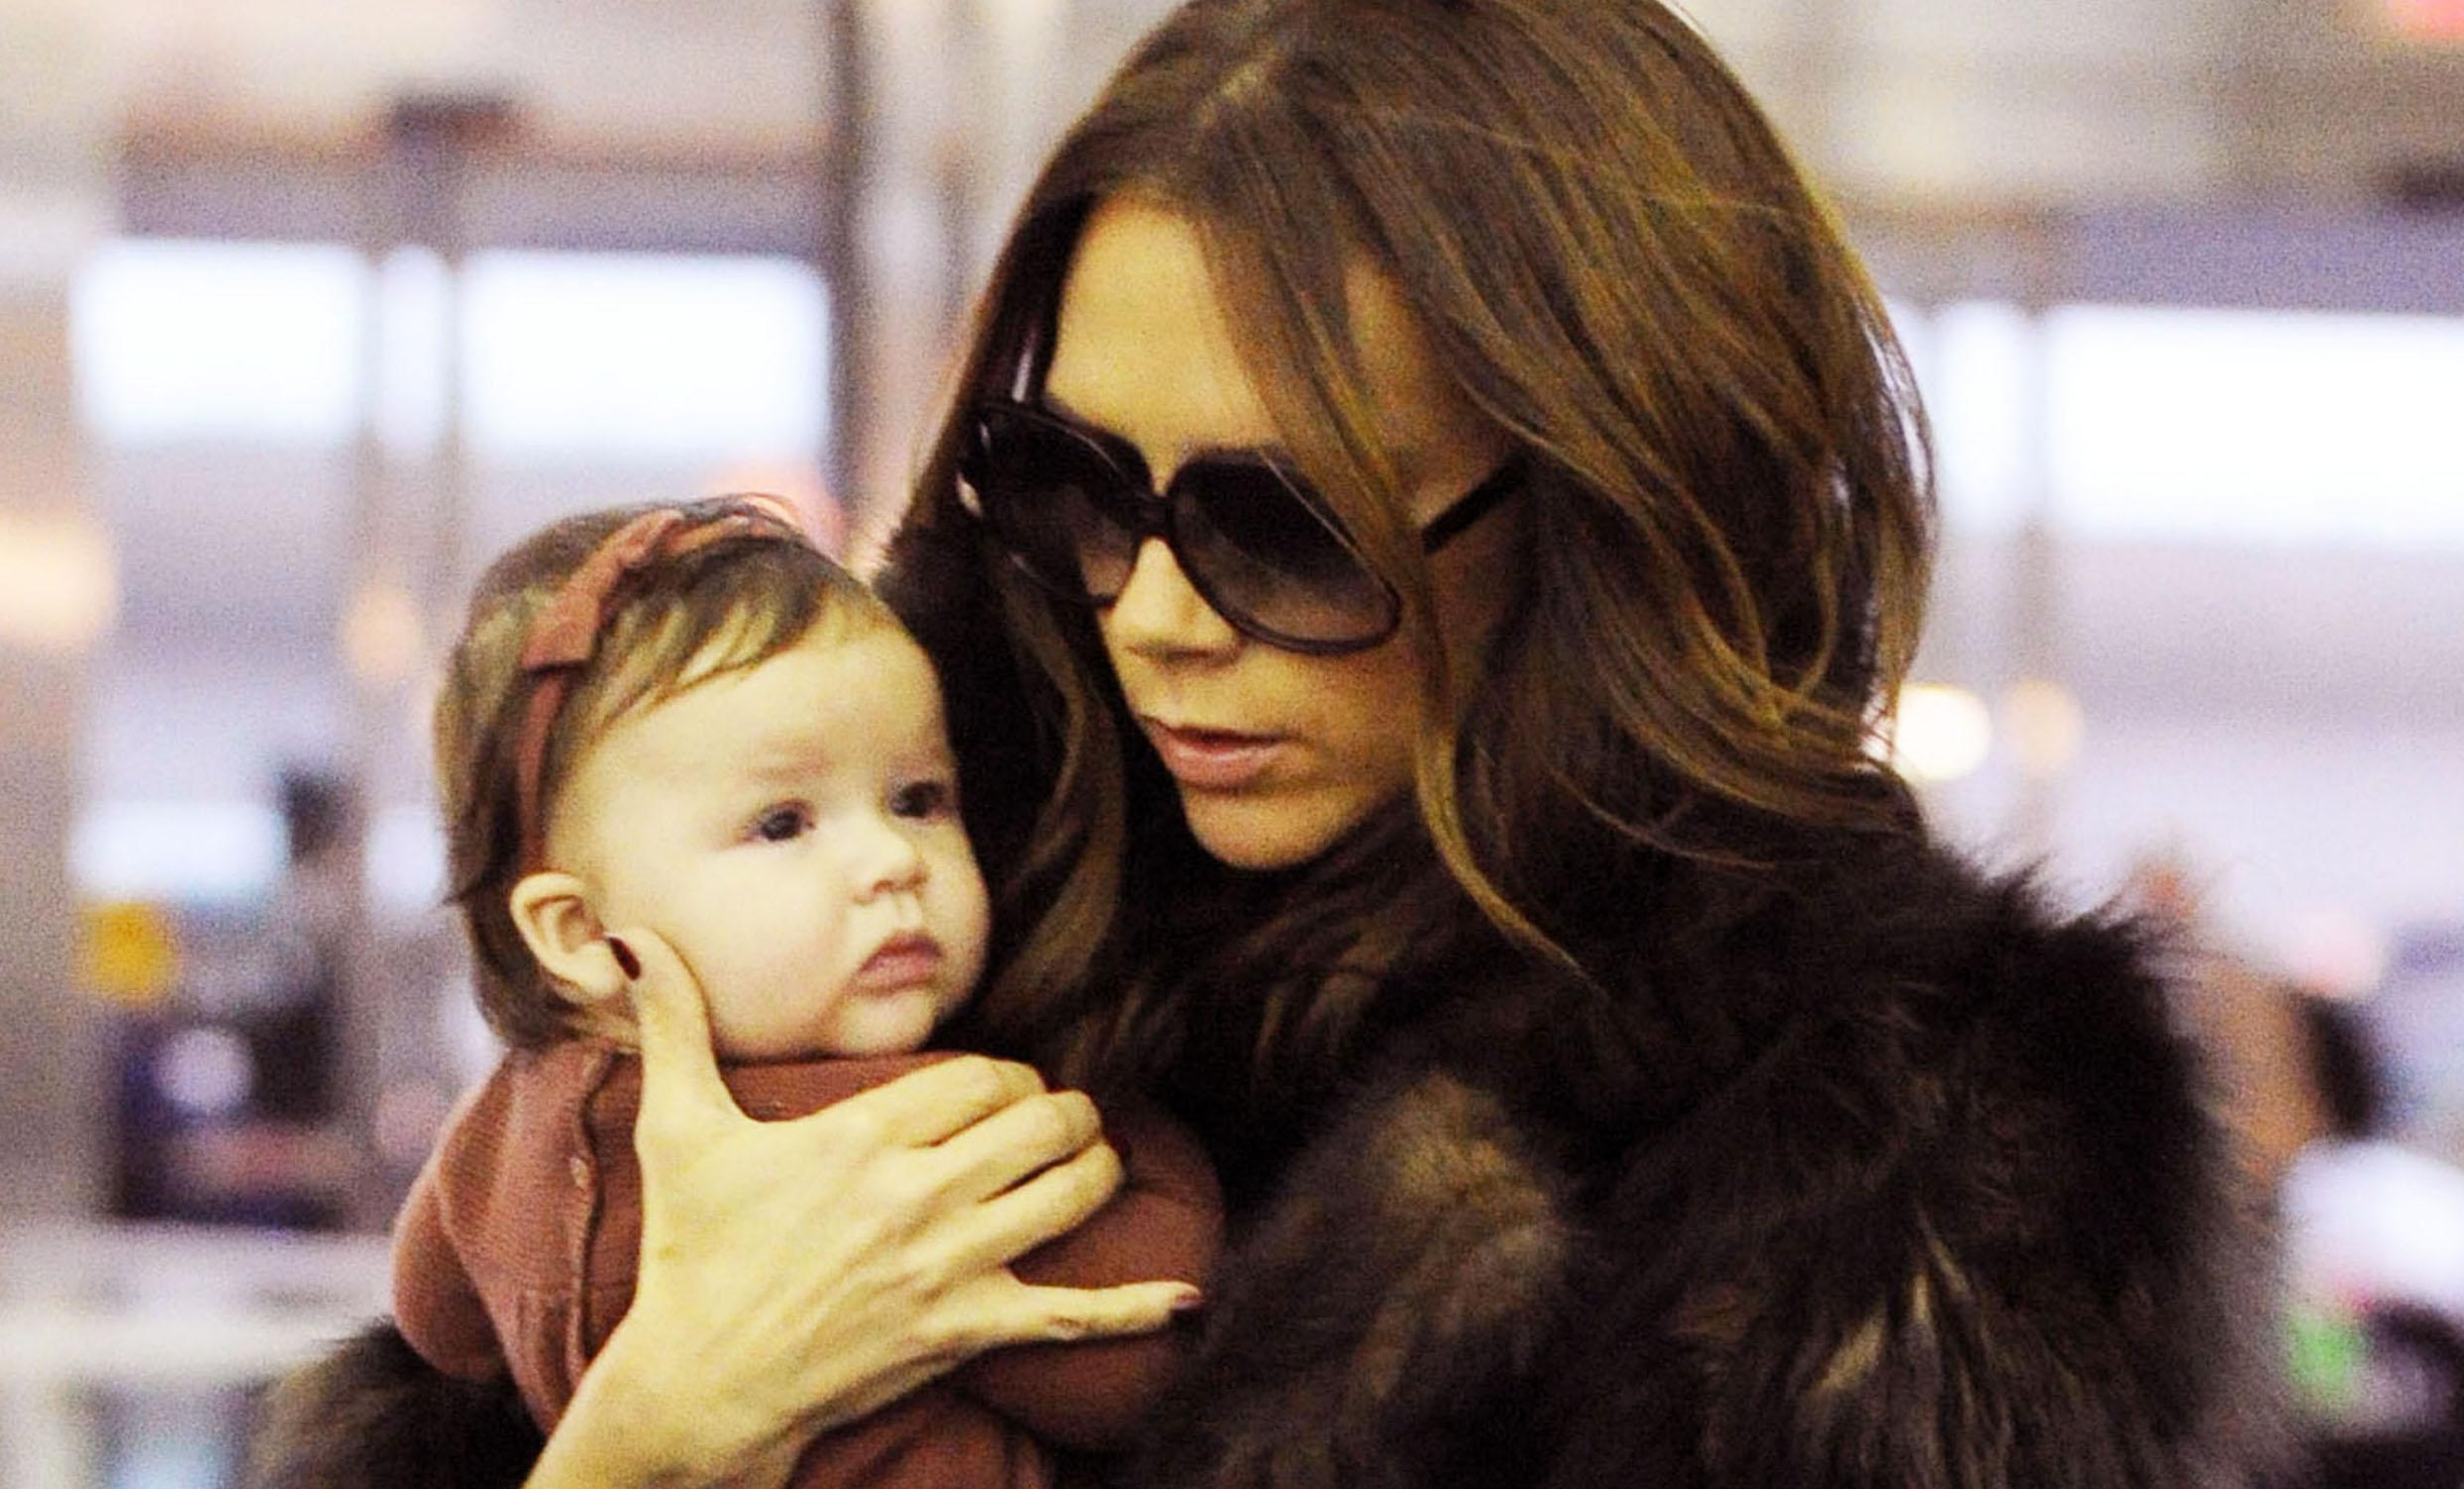 La hija de David Beckham vestida con la competencia